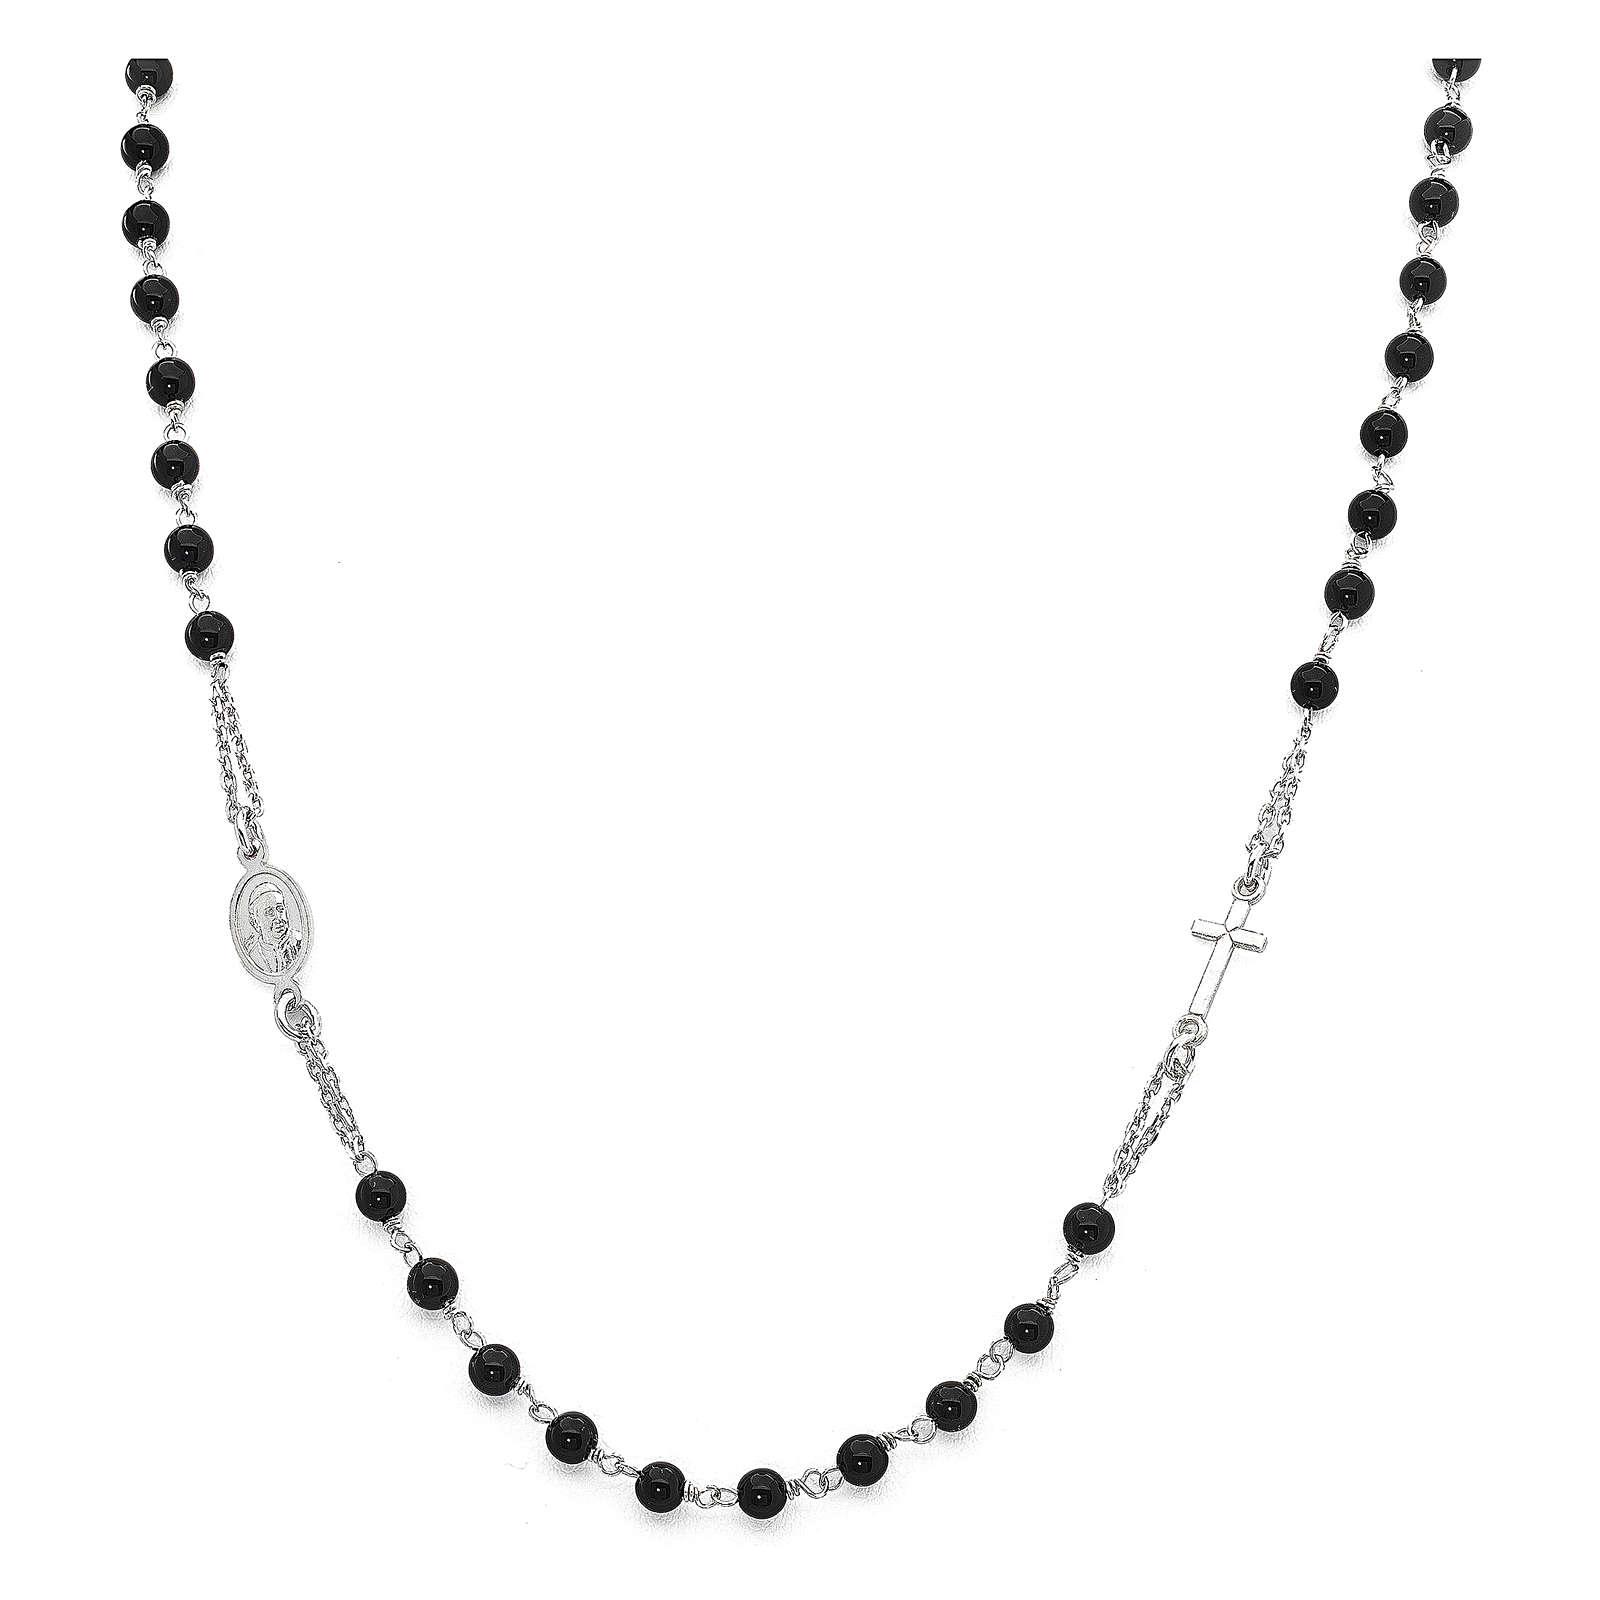 Naszyjnik różaniec na szyję AMEN kryształy czarne srebro 925 wyk. Rodio 4